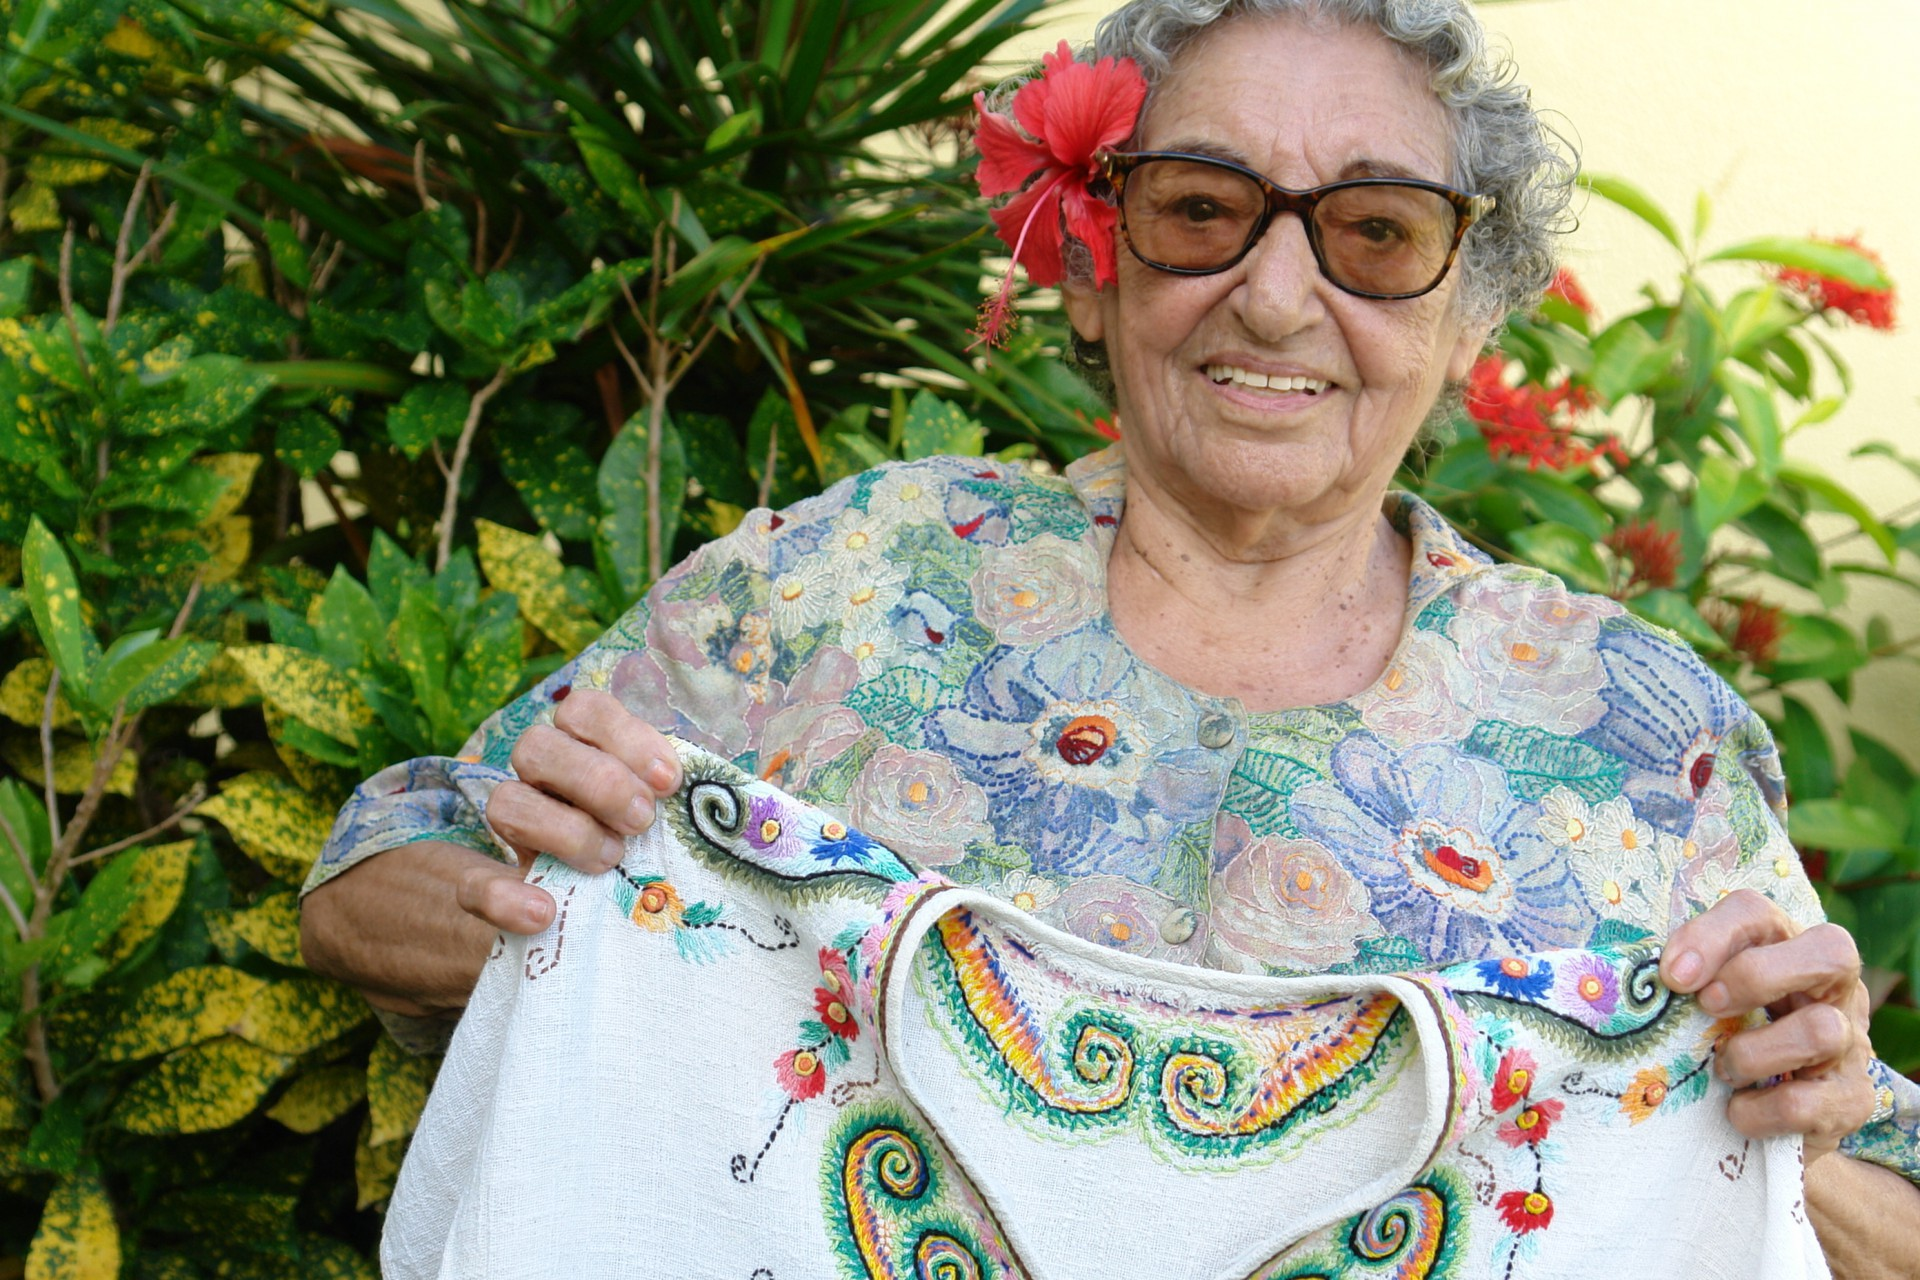 Nice Firmeza, nascida em Aracati no dia 18 de julho de 1921, completaria 100 anos neste domingo, 18 (Foto: Bruno Macedo, em 26/06/2006)